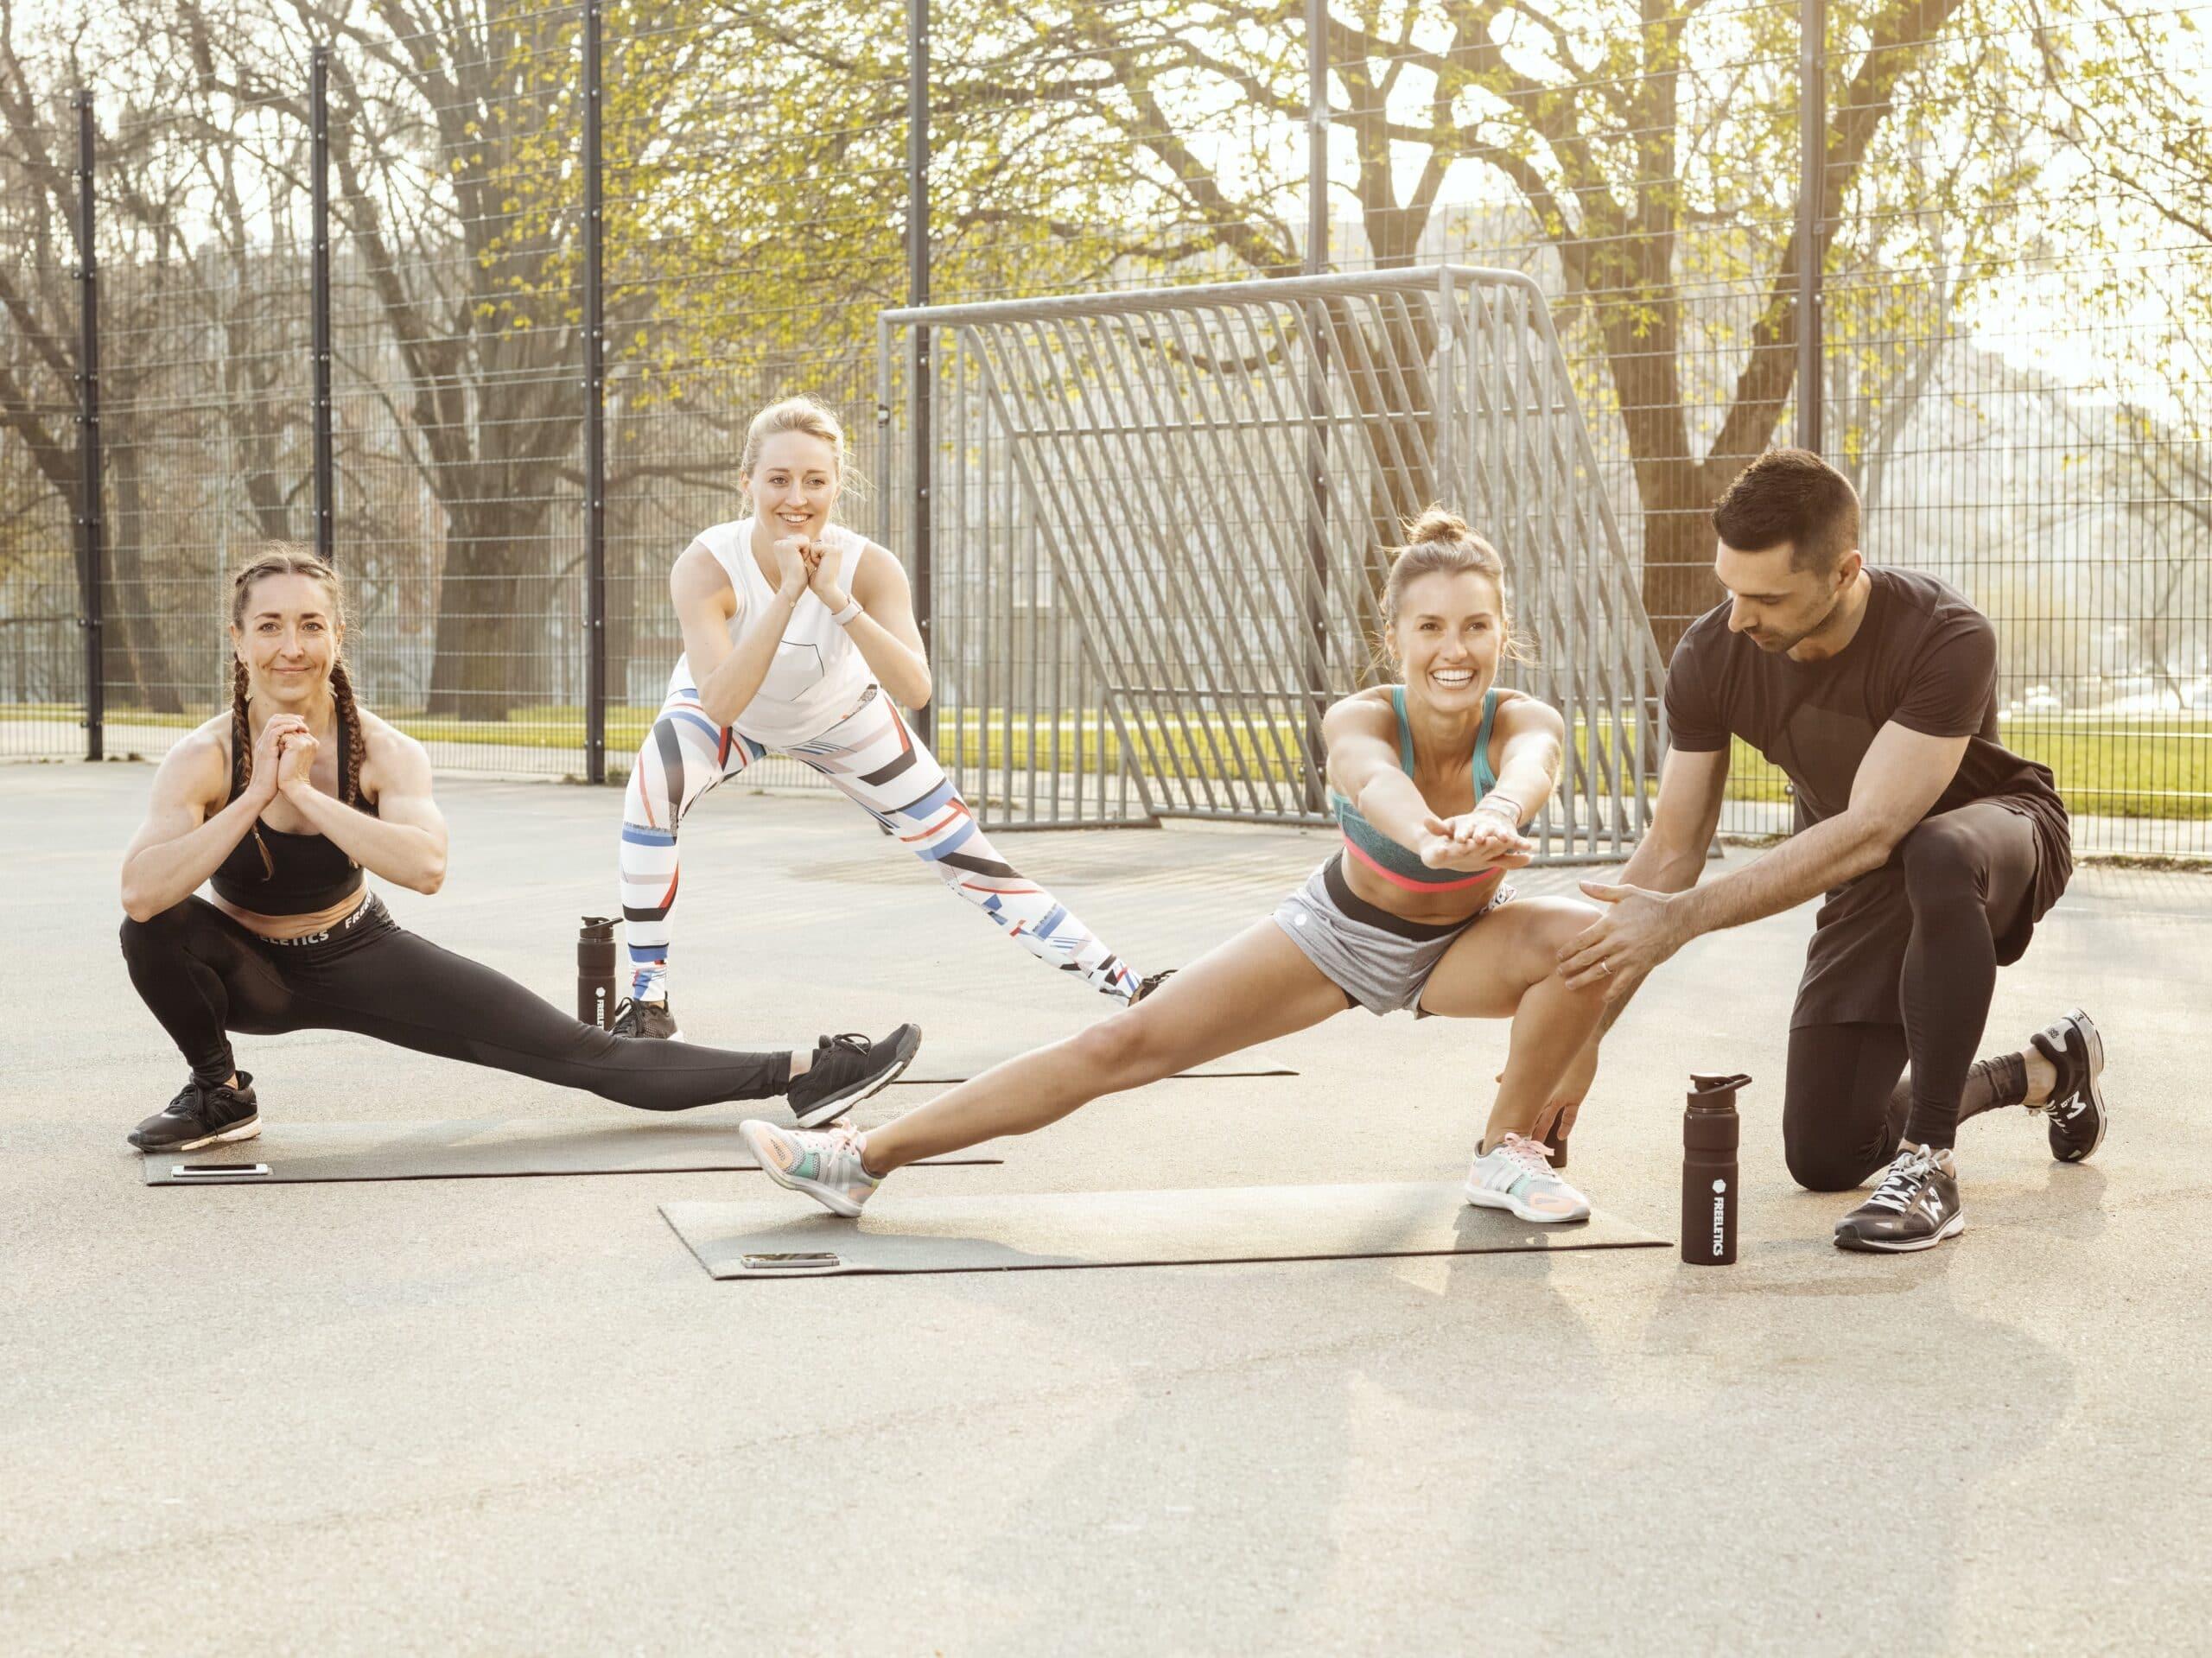 Freeletics Fitness App 9 scaled